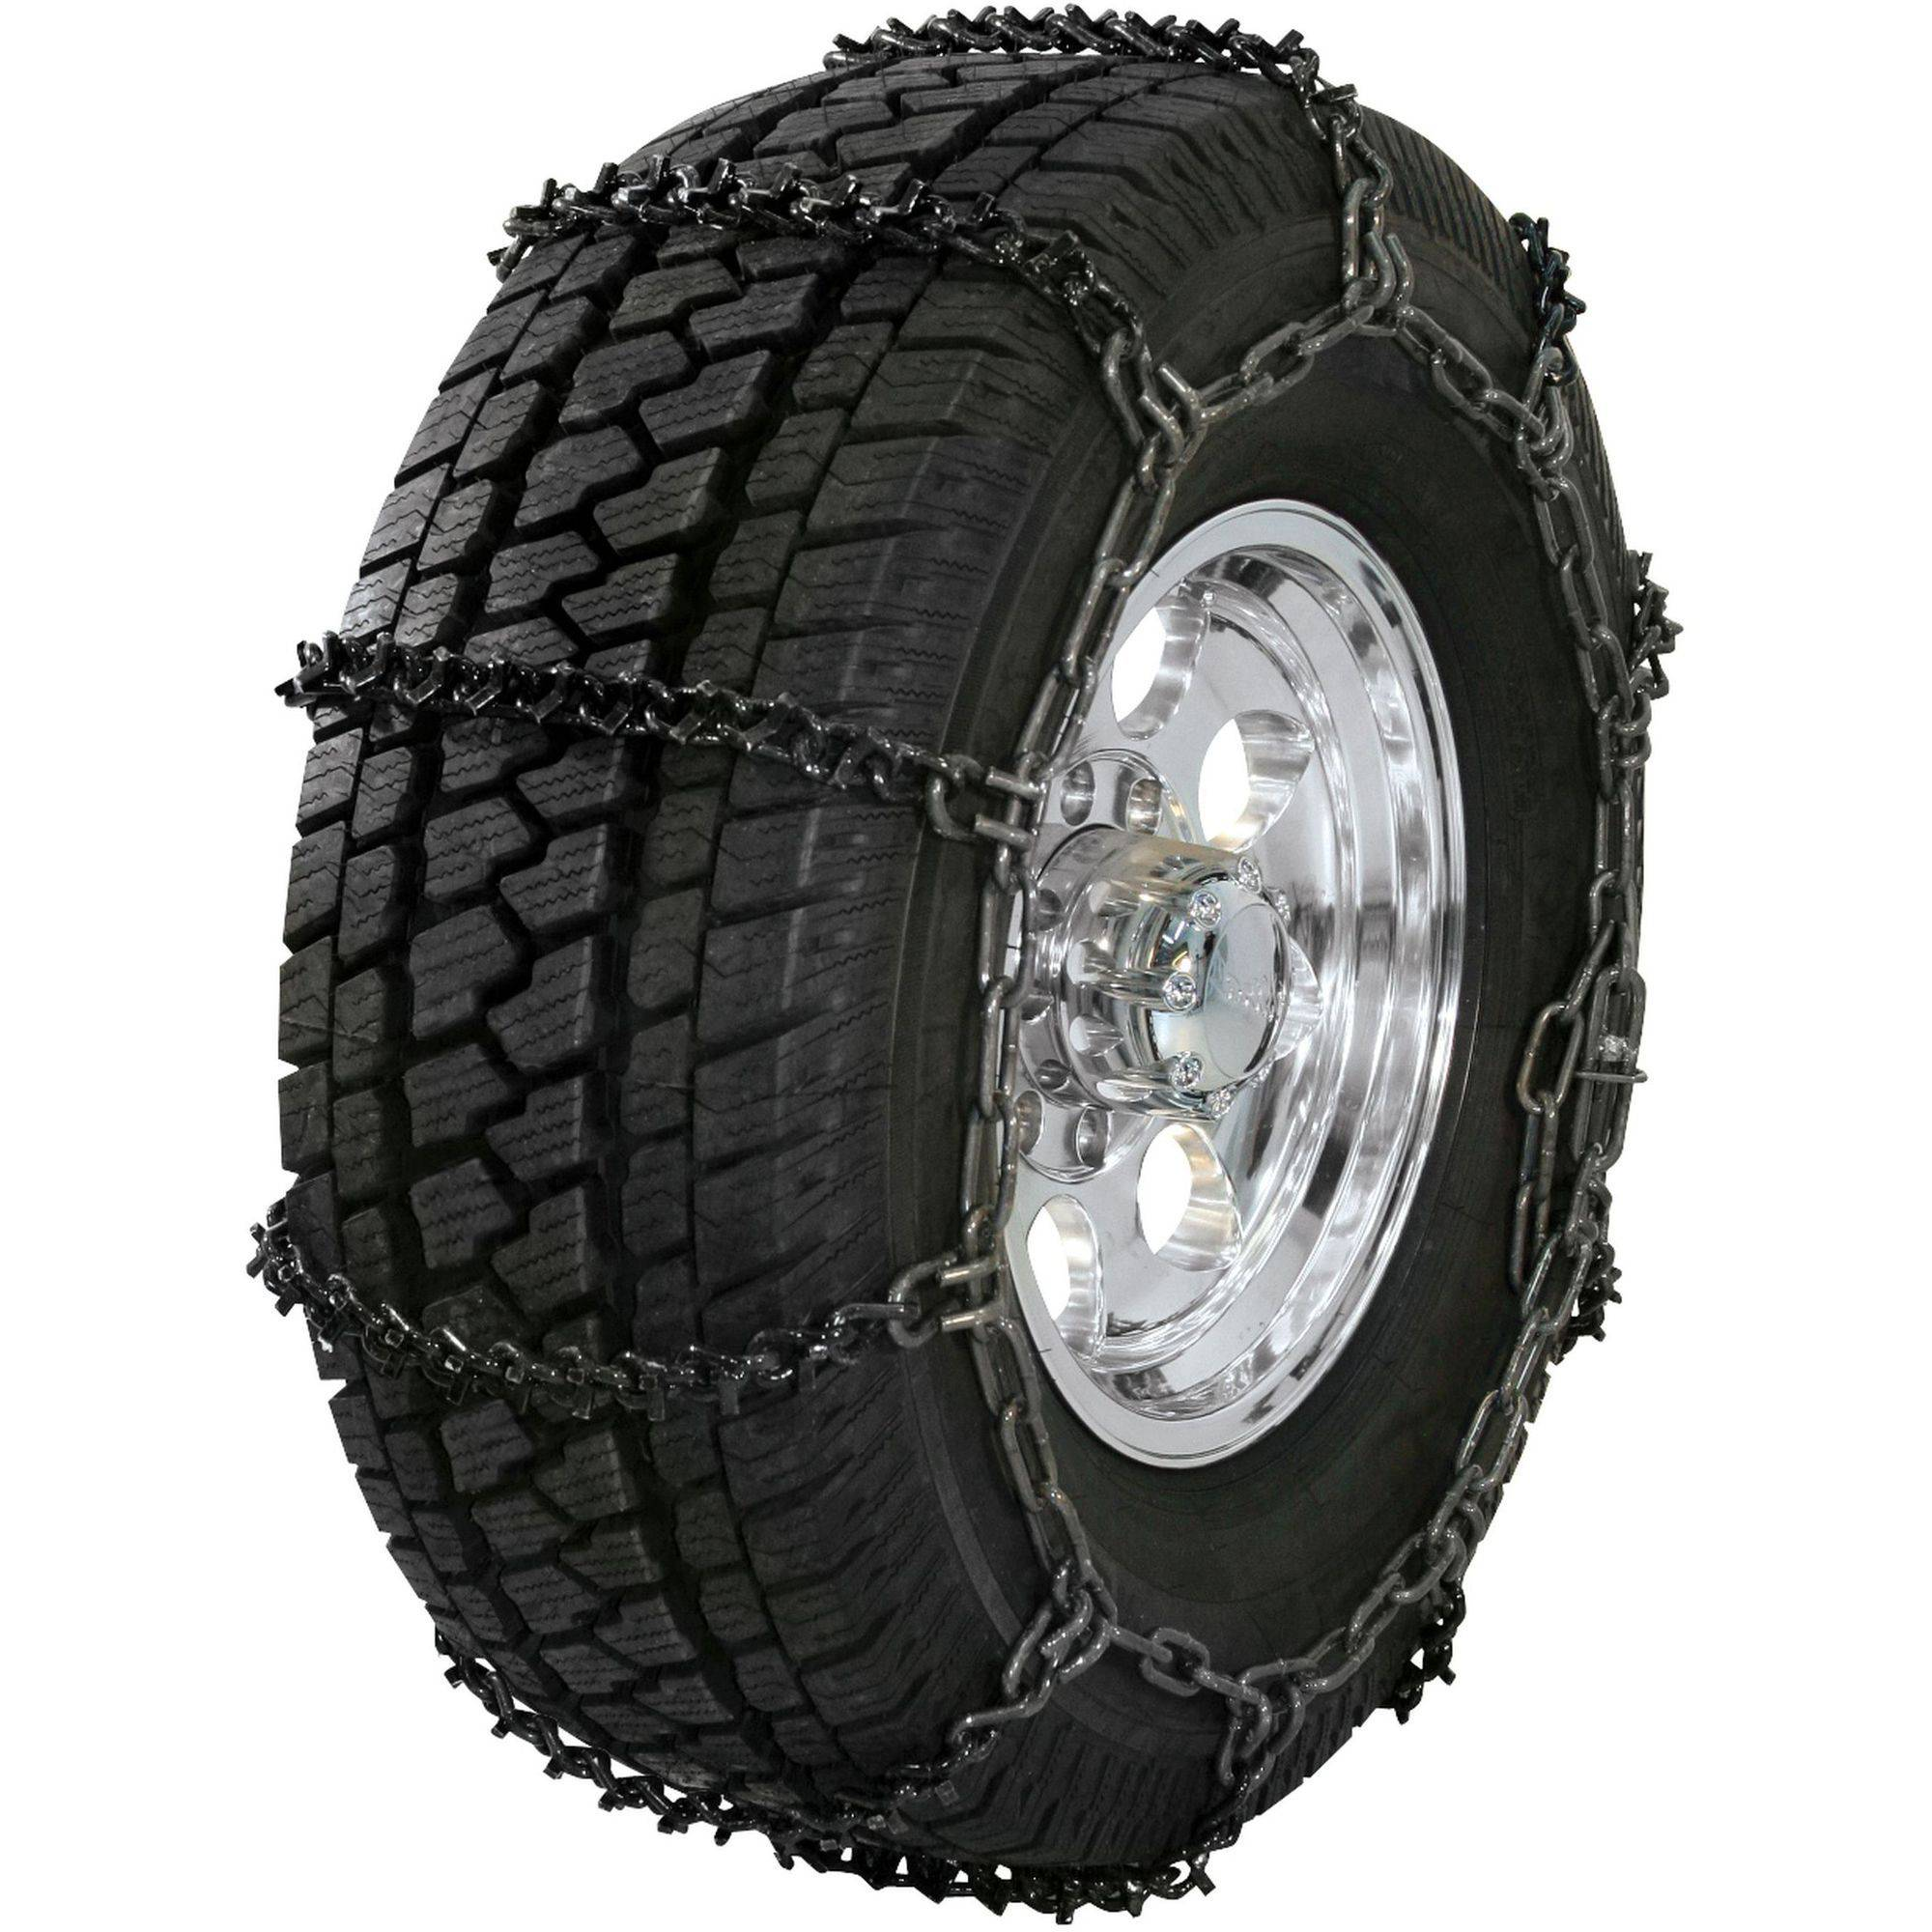 Peerless Chain Wide Base V Bar Tire Chains Qg3810